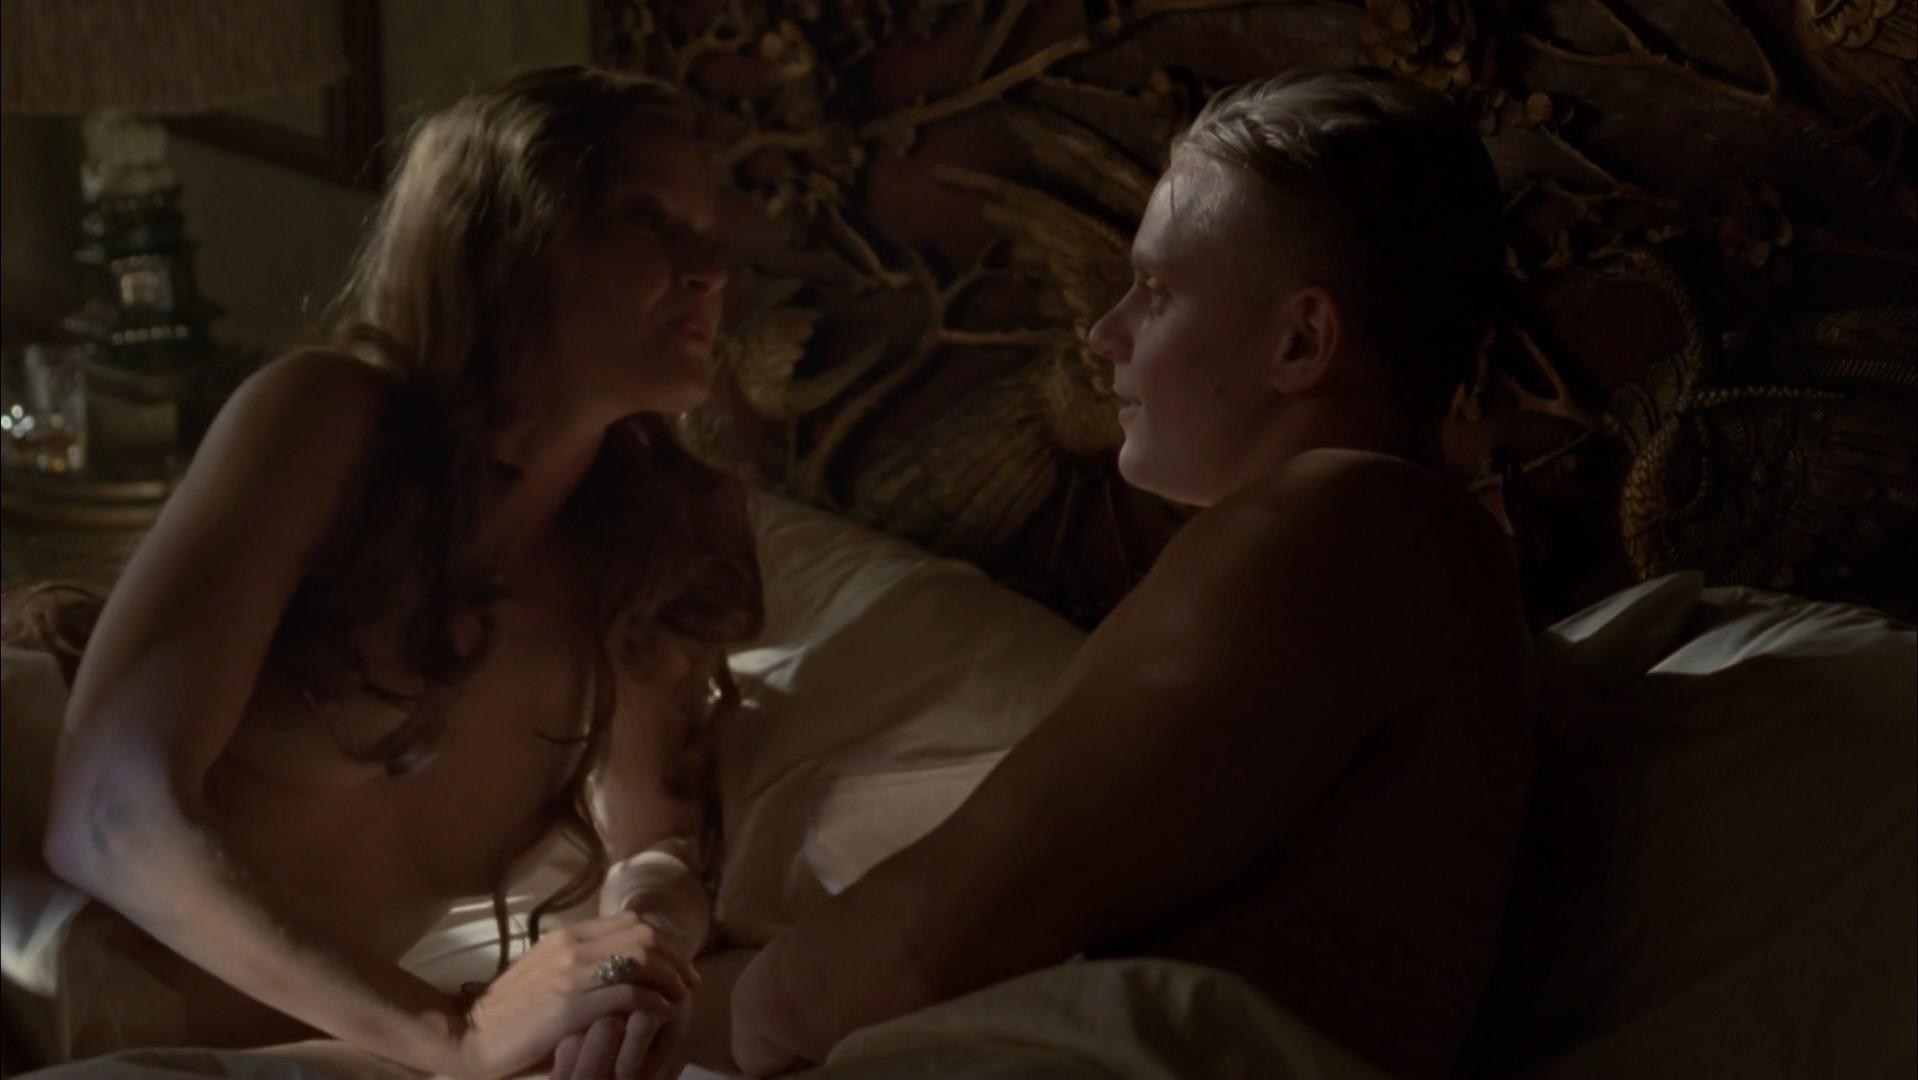 Tits Gretchen Mol Nude Video Gif